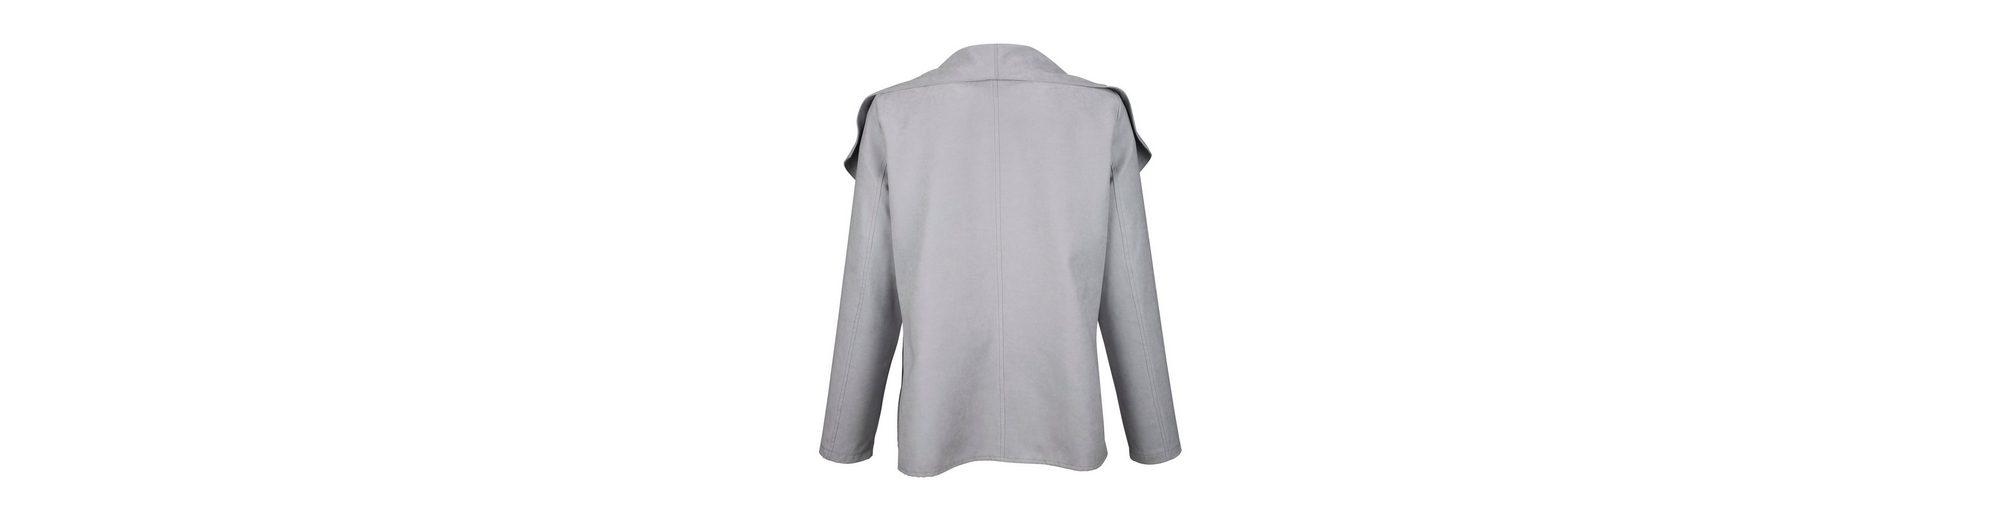 Dress In Jacke in offener Form vorne Neue Version Billig Verkauf Erstaunlicher Preis Online Gehen Authentisch Verkauf Sast Zum Verkauf Verkauf Niedrig Kosten M0dznh2